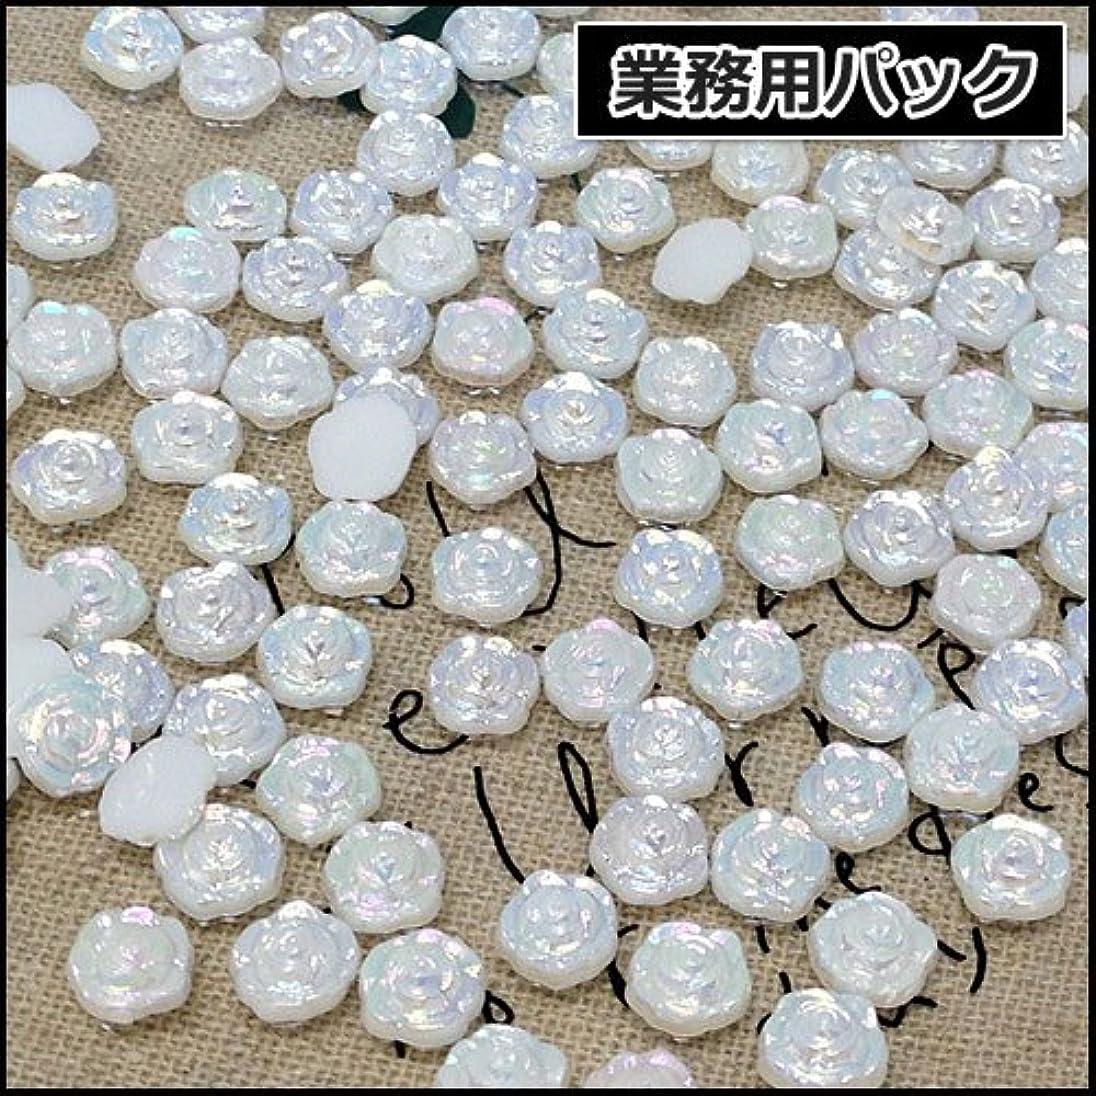 不足郡三【業務用】パール調ミニ薔薇7mm「ホワイト」50個入り